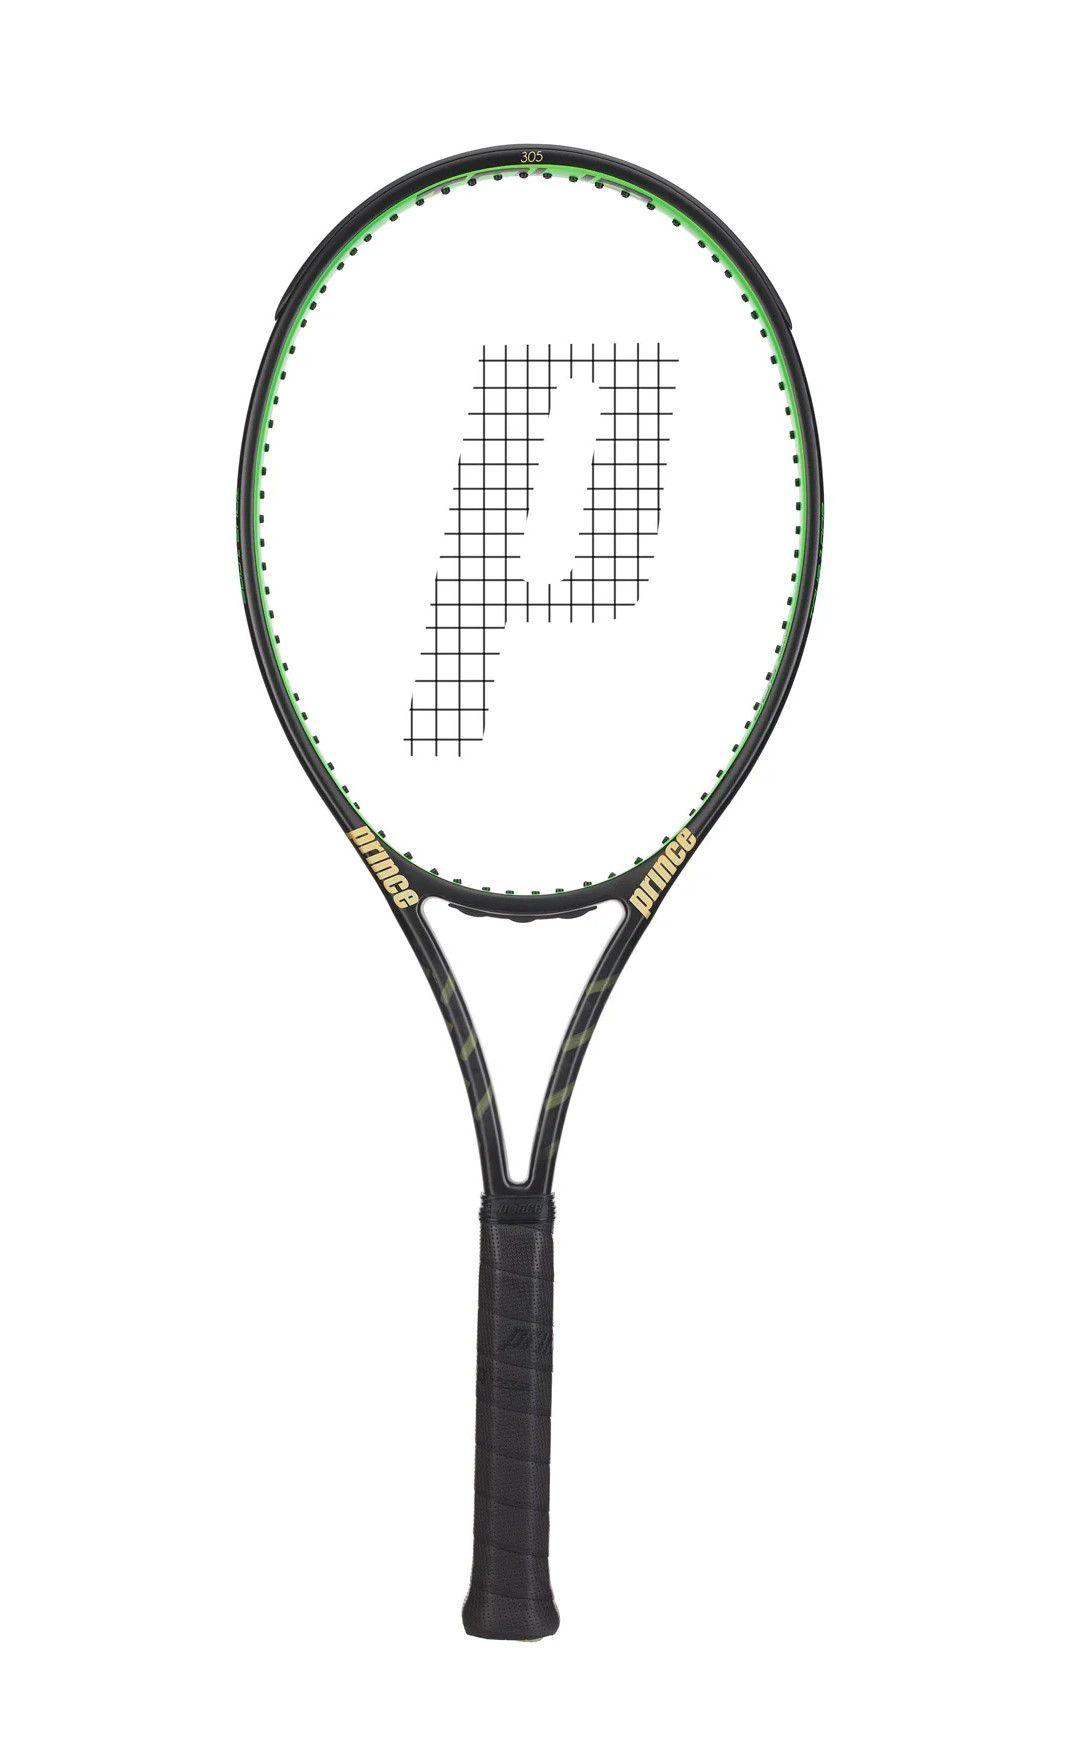 Raquete de Tênis Prince Textreme 2 Tour 100P - 2020